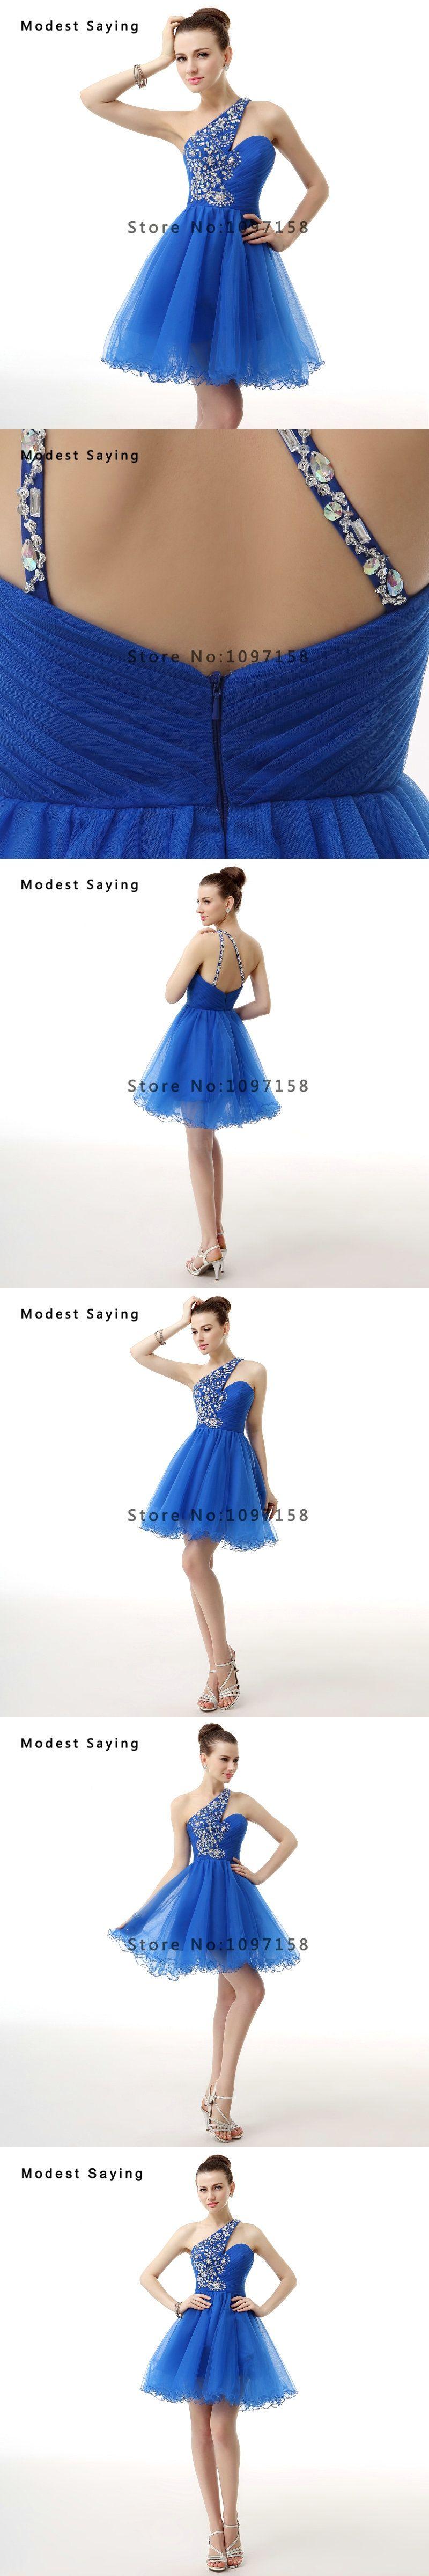 Vestido de formatura curto sexy blue short homecoming dresses with